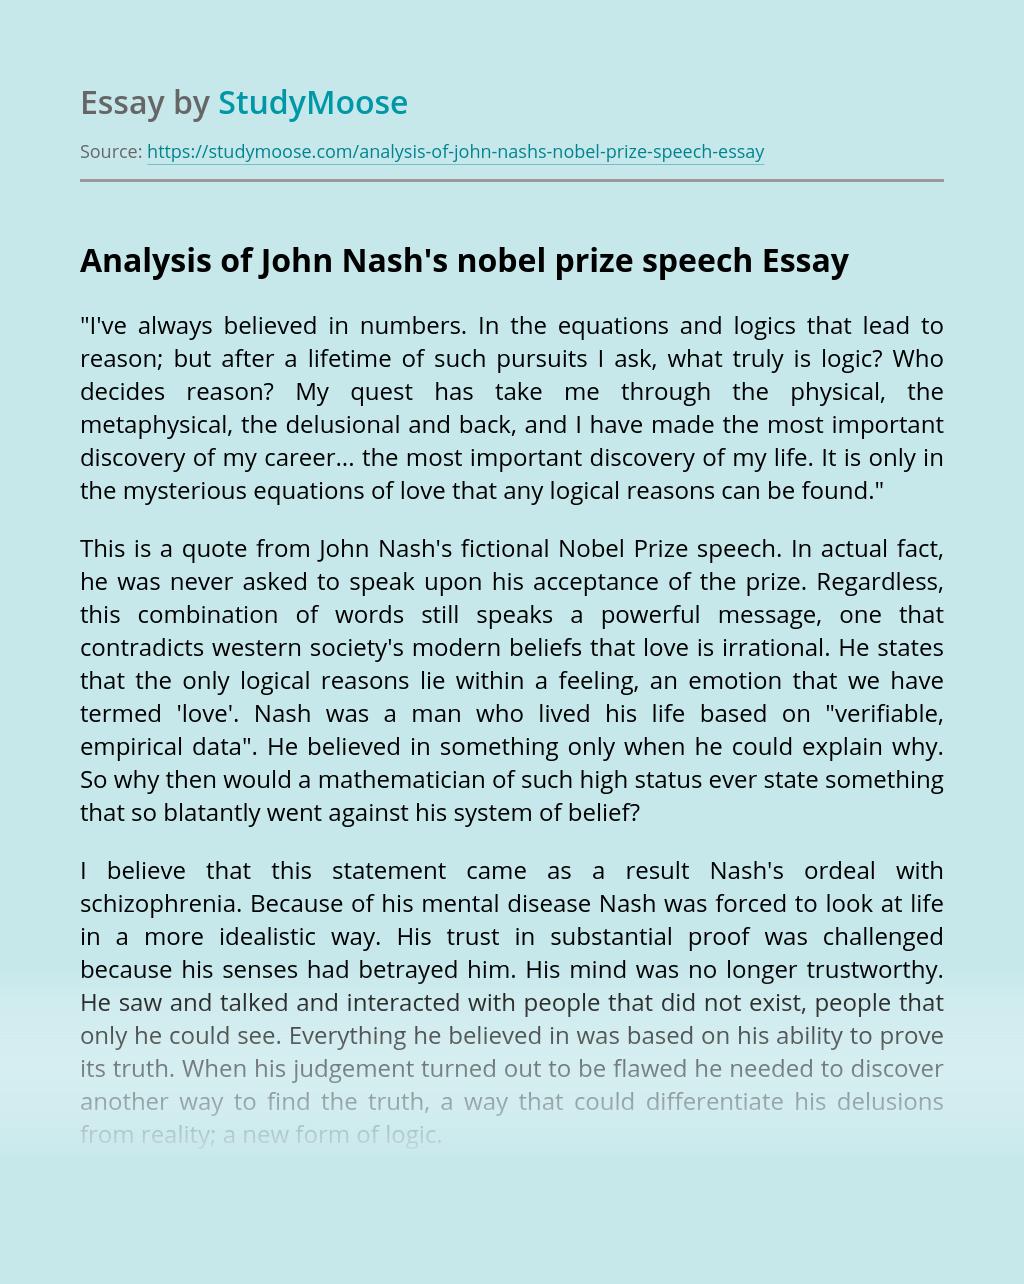 Analysis of John Nash's nobel prize speech